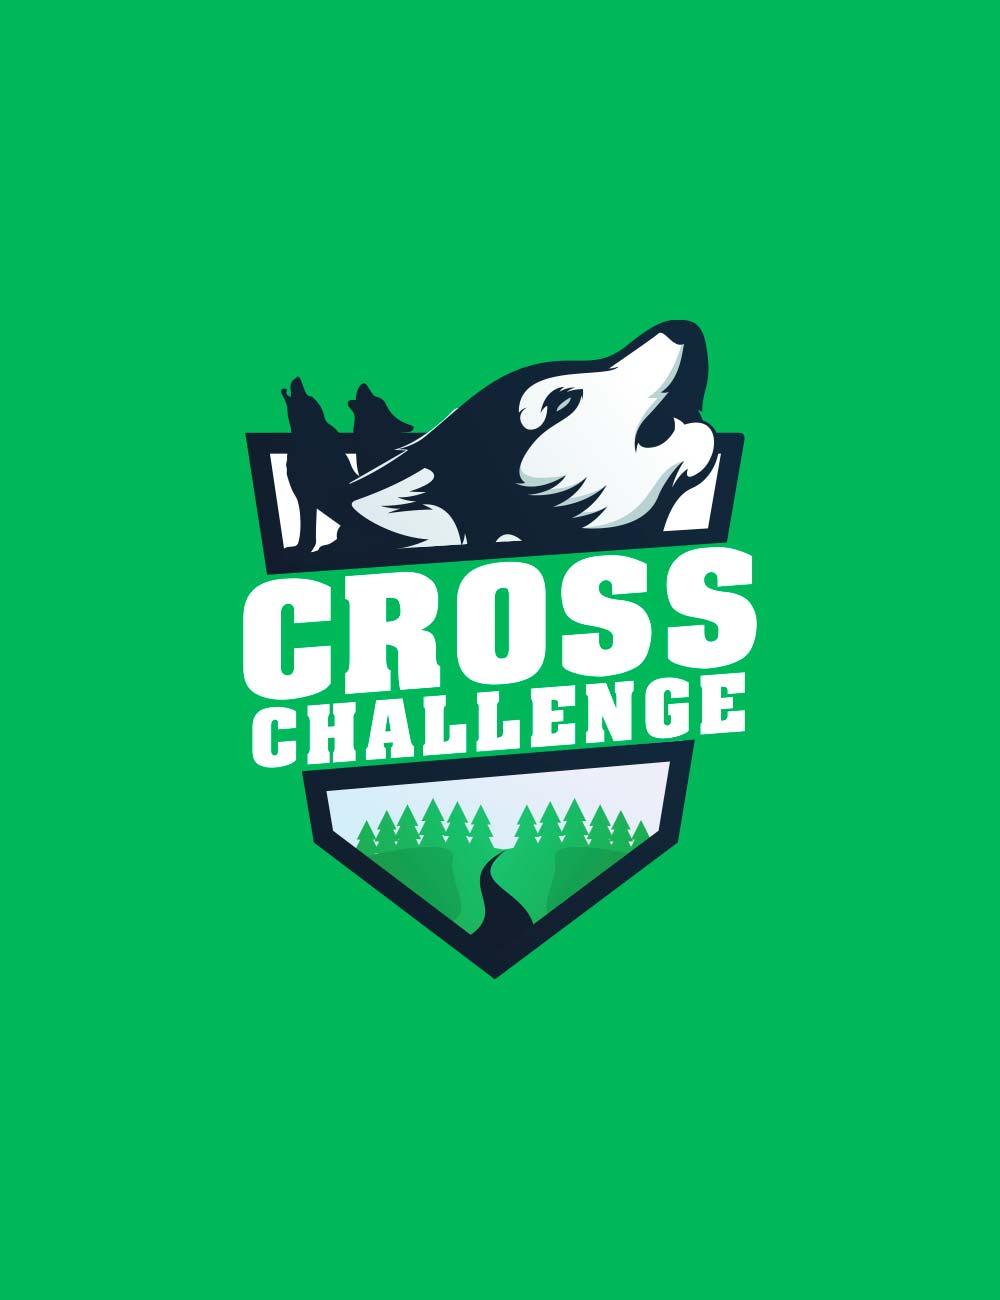 Cross Challenge